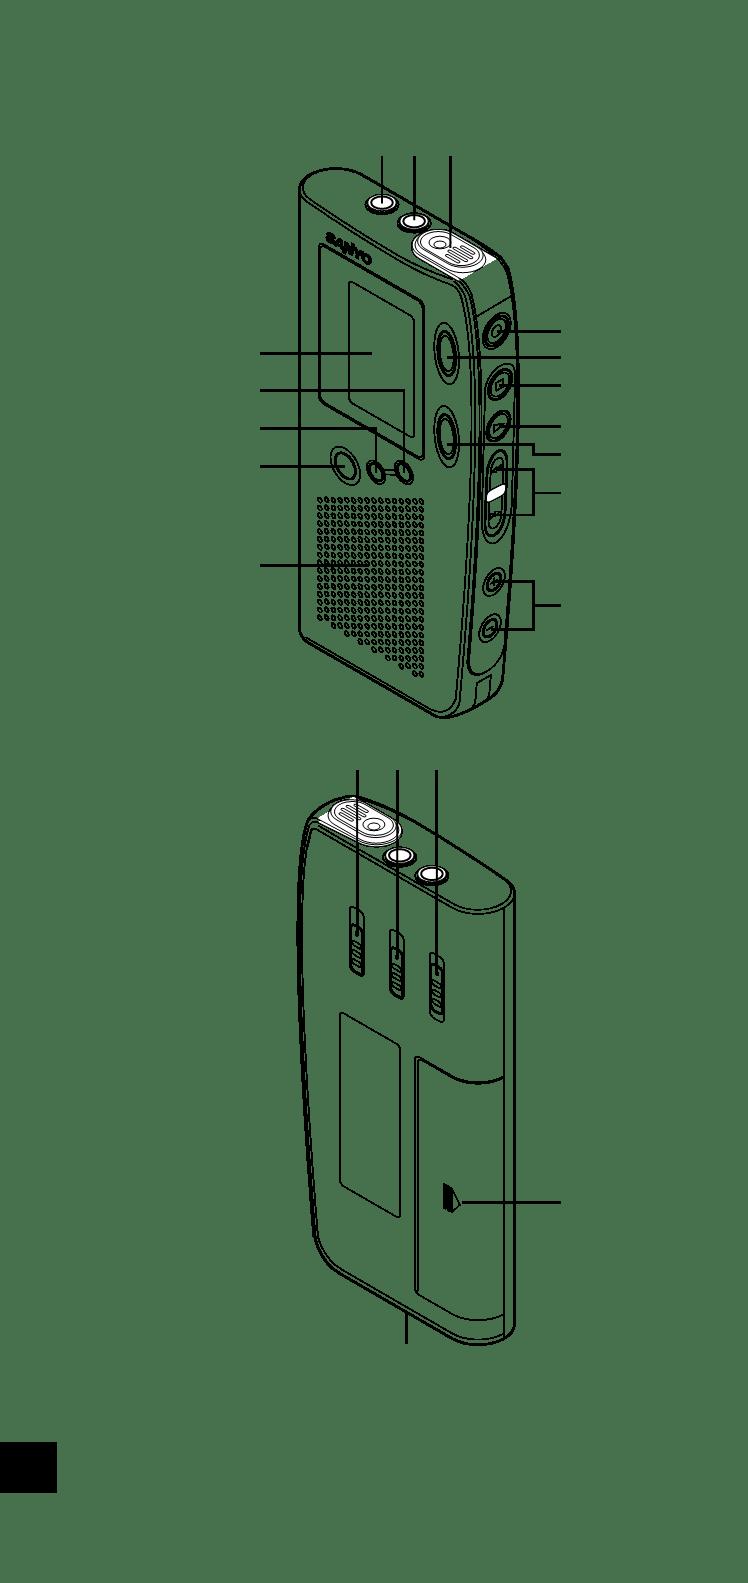 取扱説明書Sanyo ICR-B35 ー Sanyo ICR-B35に関する説明書、サービス説明書、設定および仕様